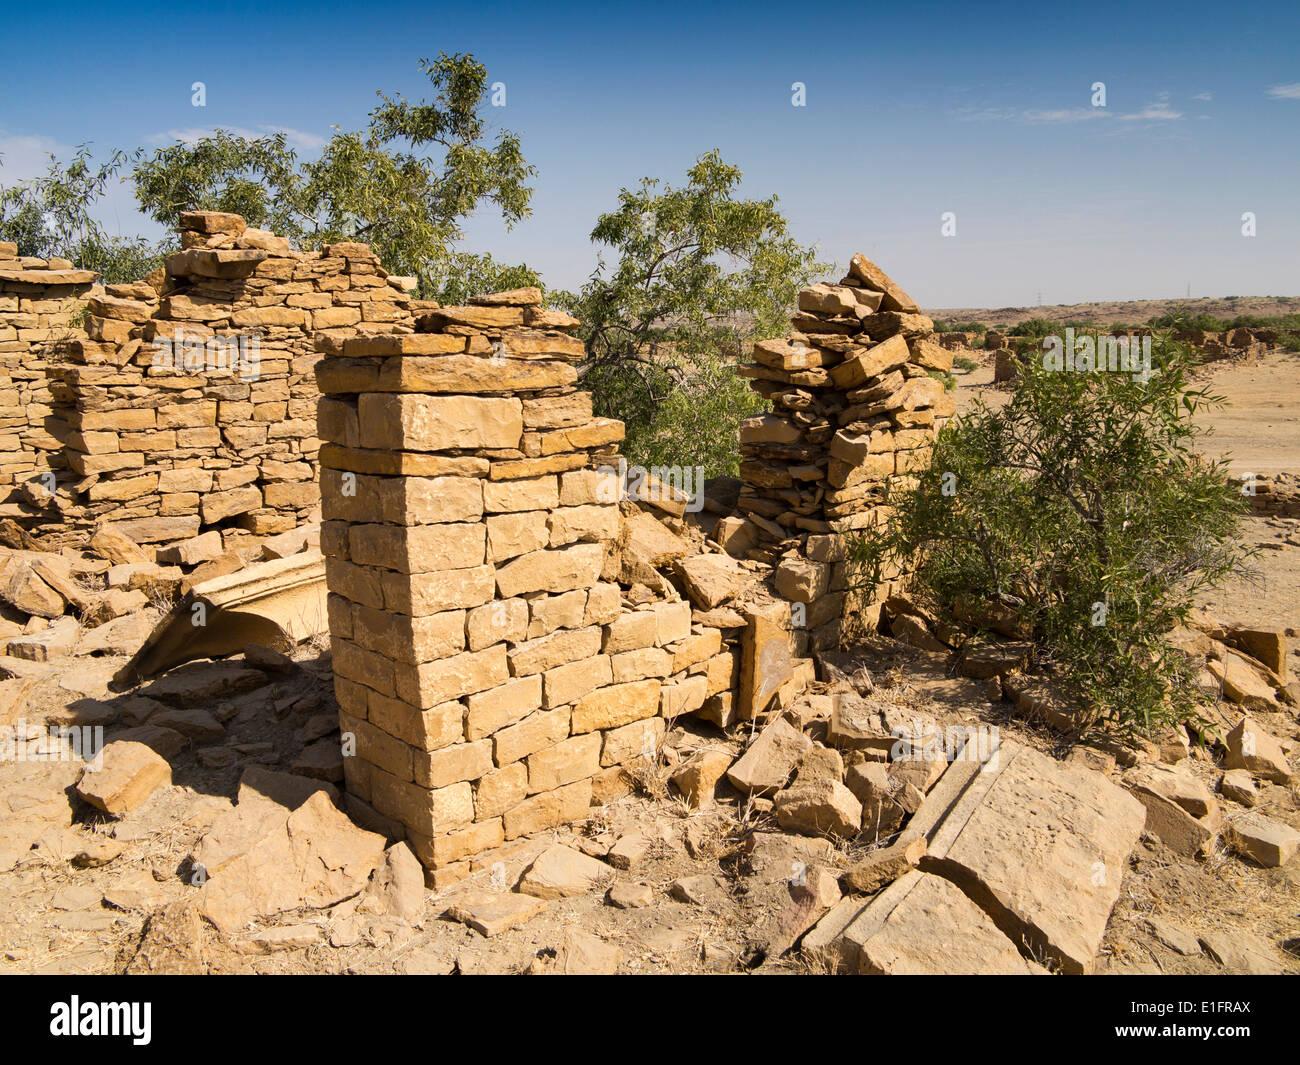 India Rajasthan, Jaisalmer, Kuldhara villaggio abbandonato nel deserto di Thar, le pareti di casa in rovina Immagini Stock